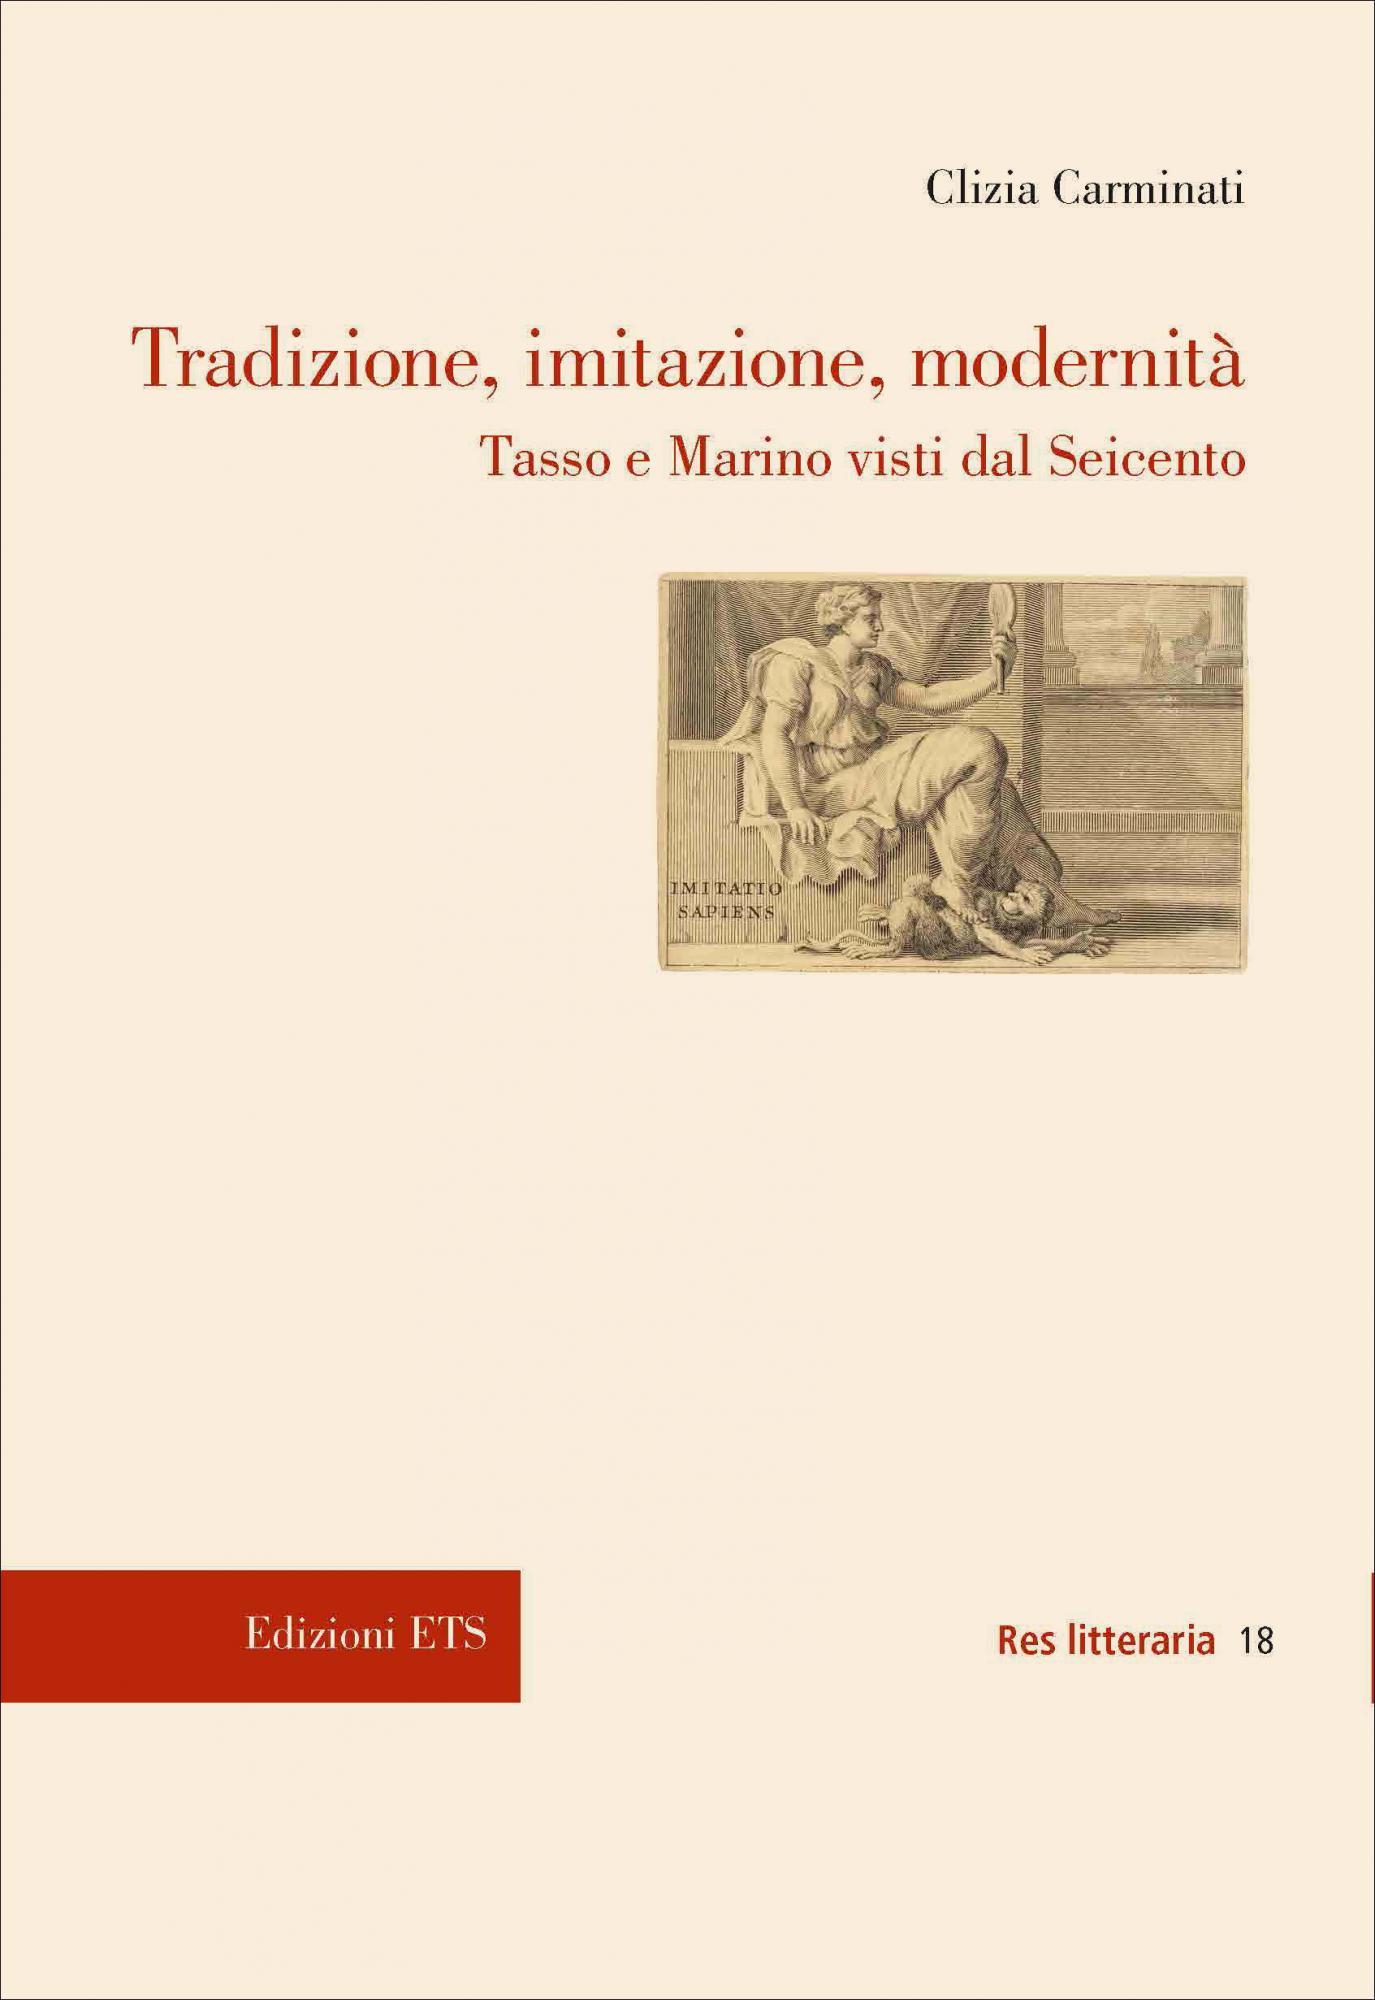 Tradizione, imitazione, modernità.Tasso e Marino visti dal Seicento